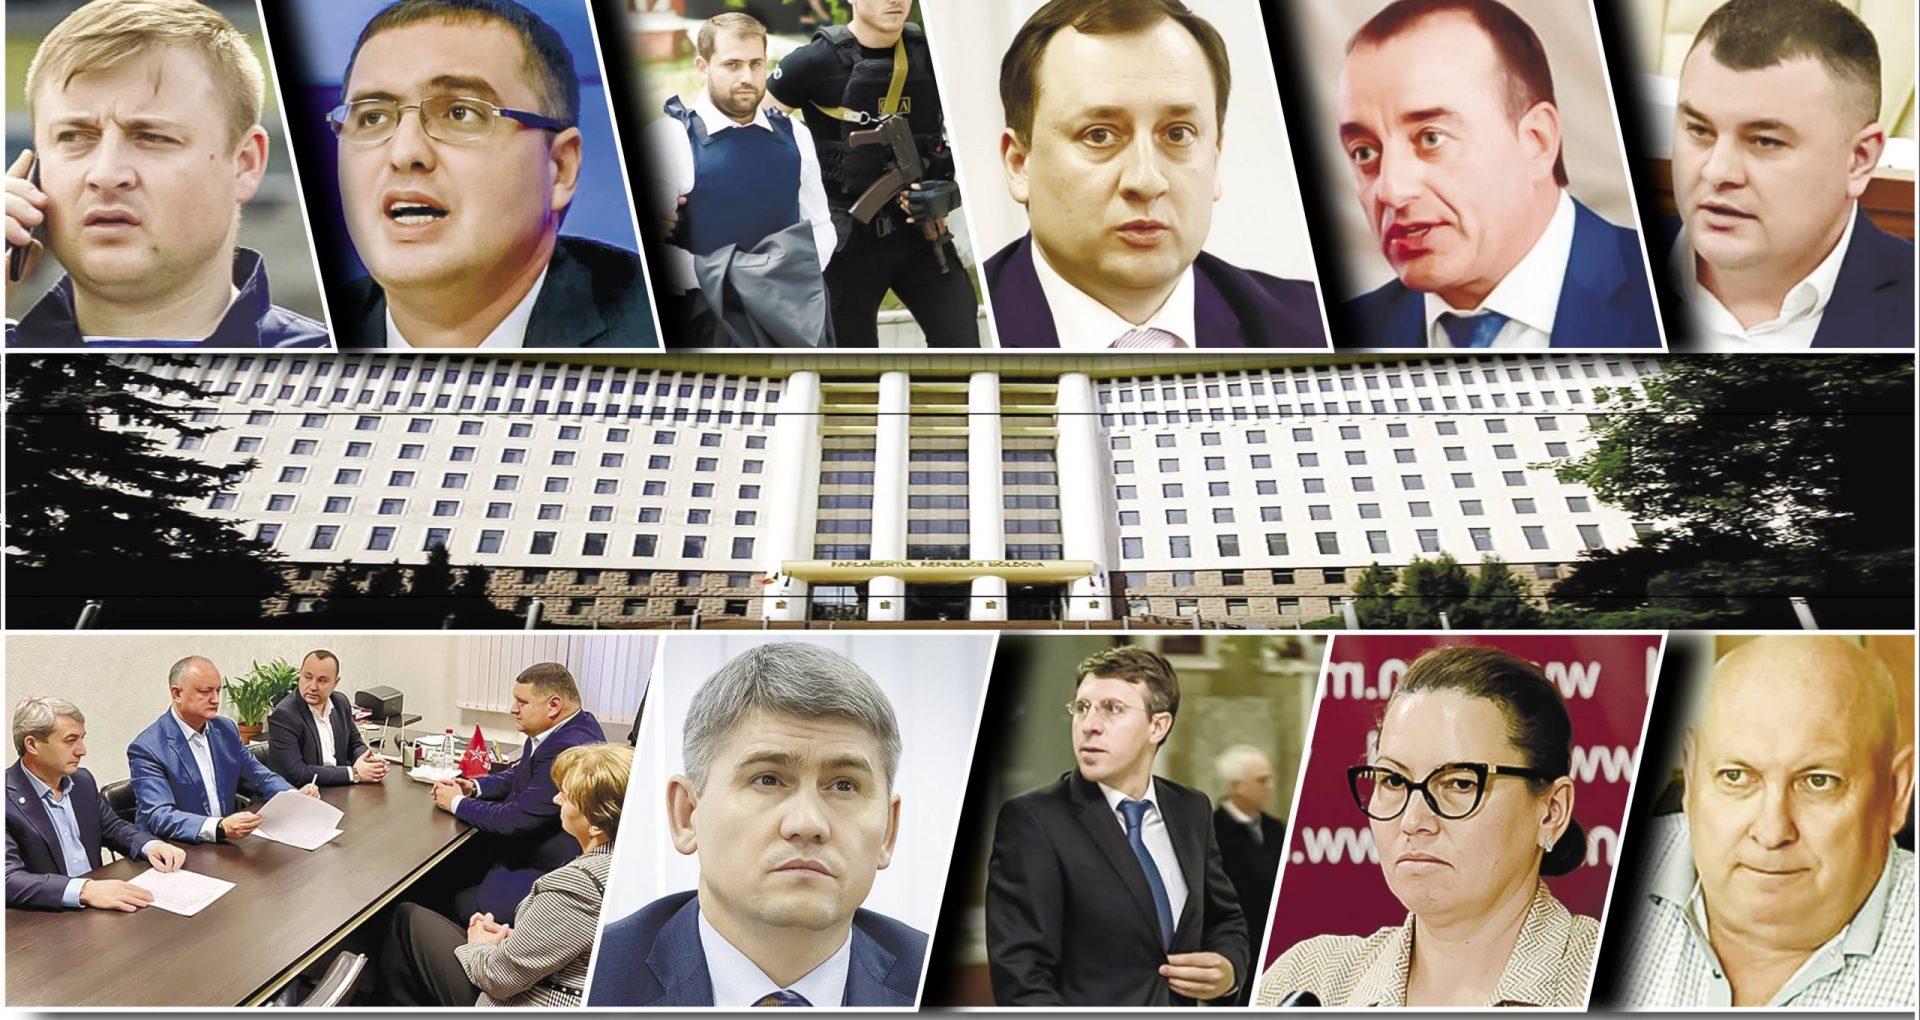 VIDEO/ Candidații cu probleme de integritate care vor în Parlament. MAI refuză repetat să ofere informații despre dosarele penale ale candidaților